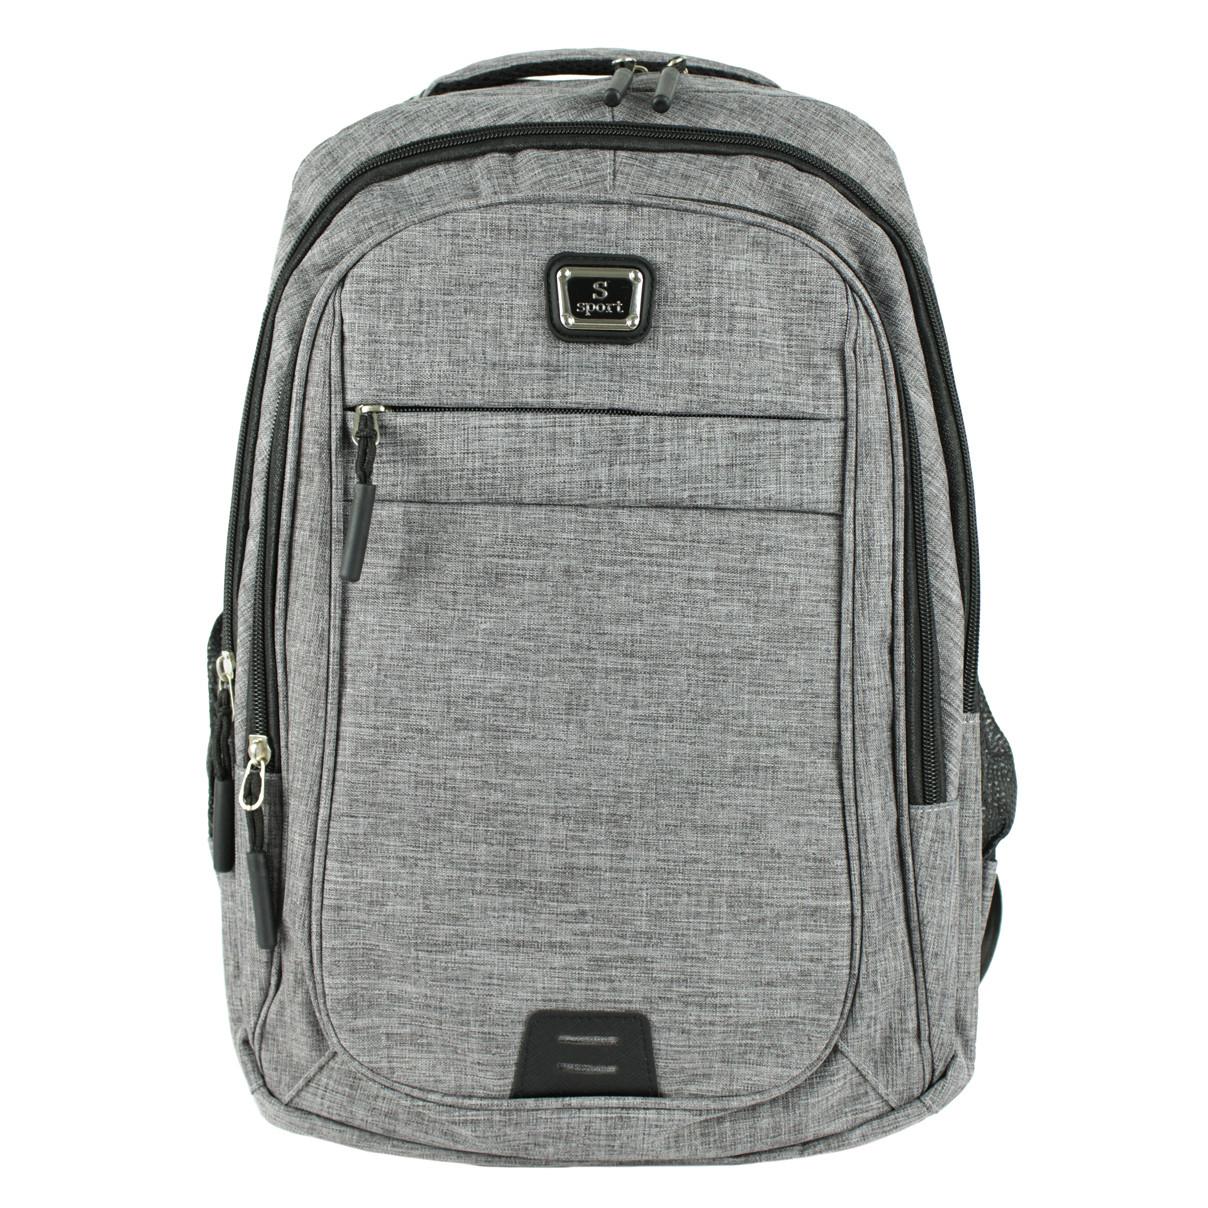 Рюкзак городской Sport повседневный текстиль серый